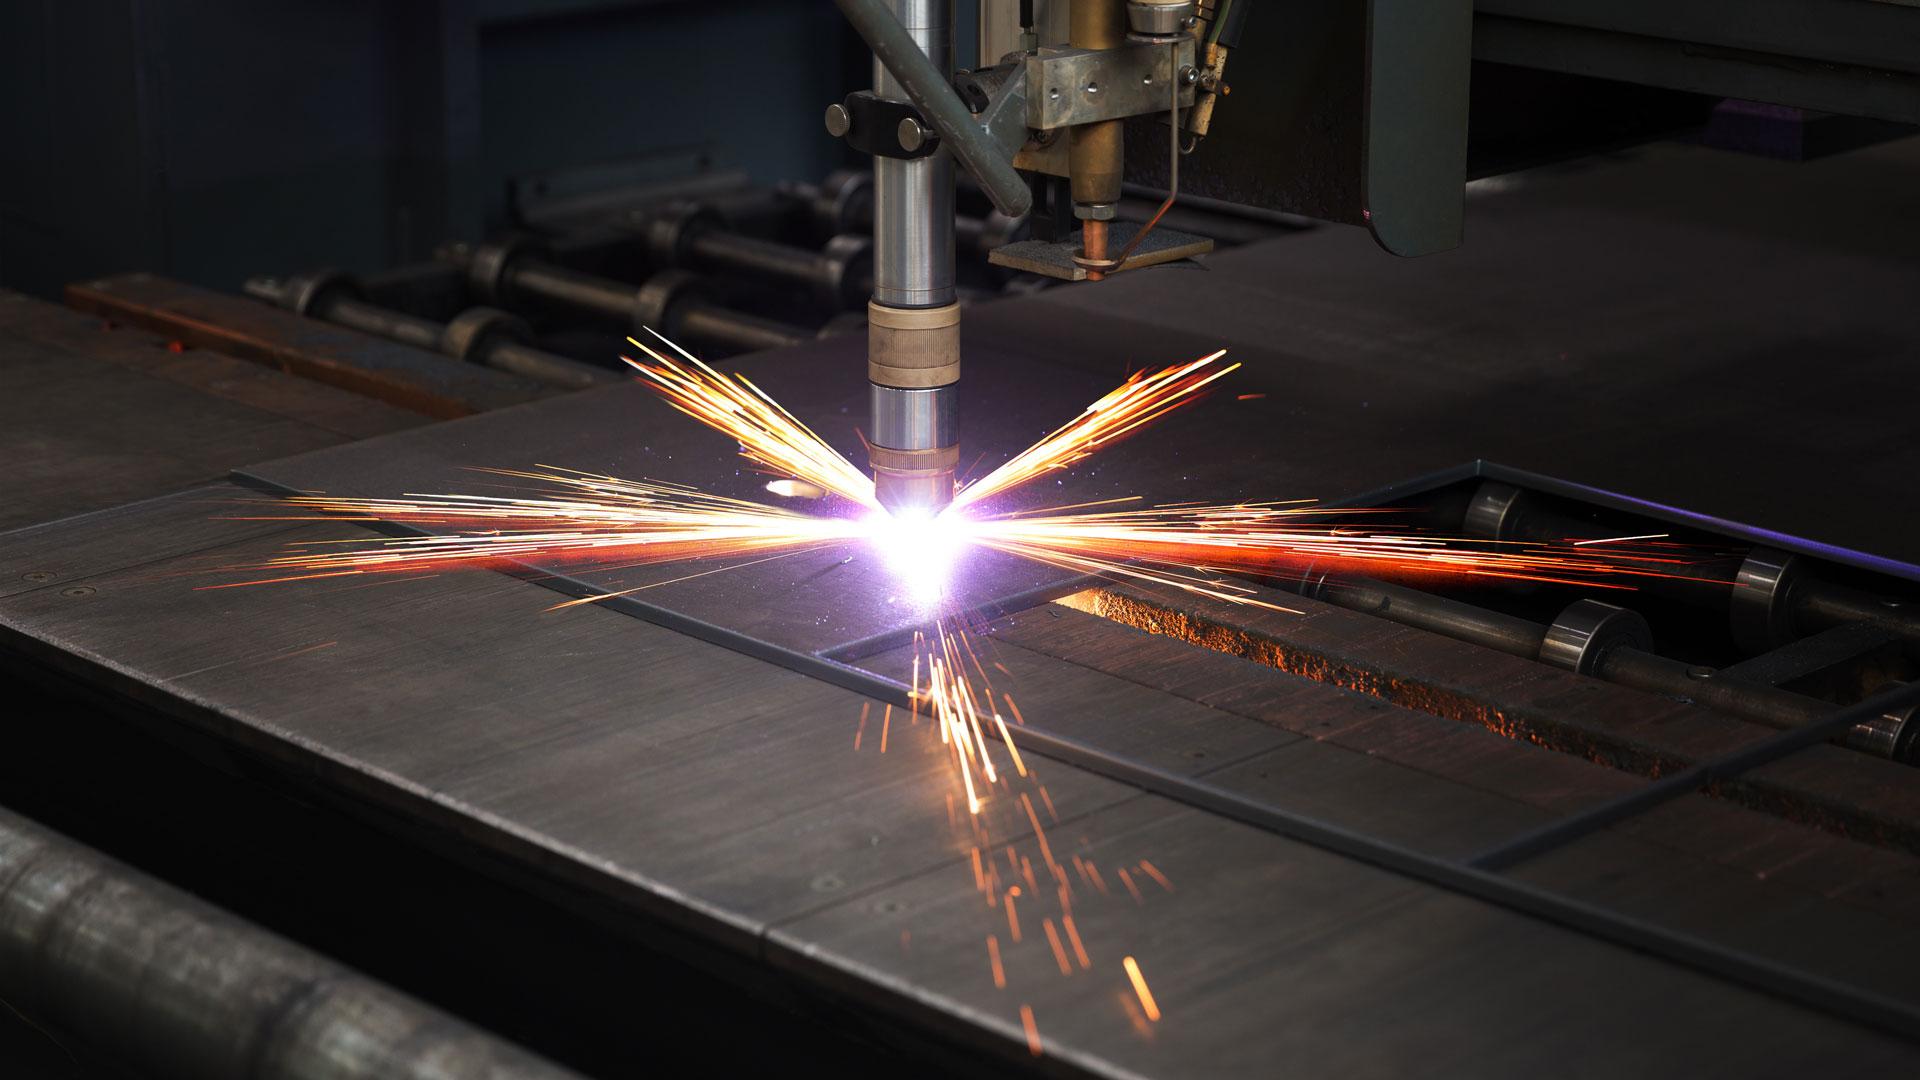 manutenzione-impianti-taglio-plasma-padova